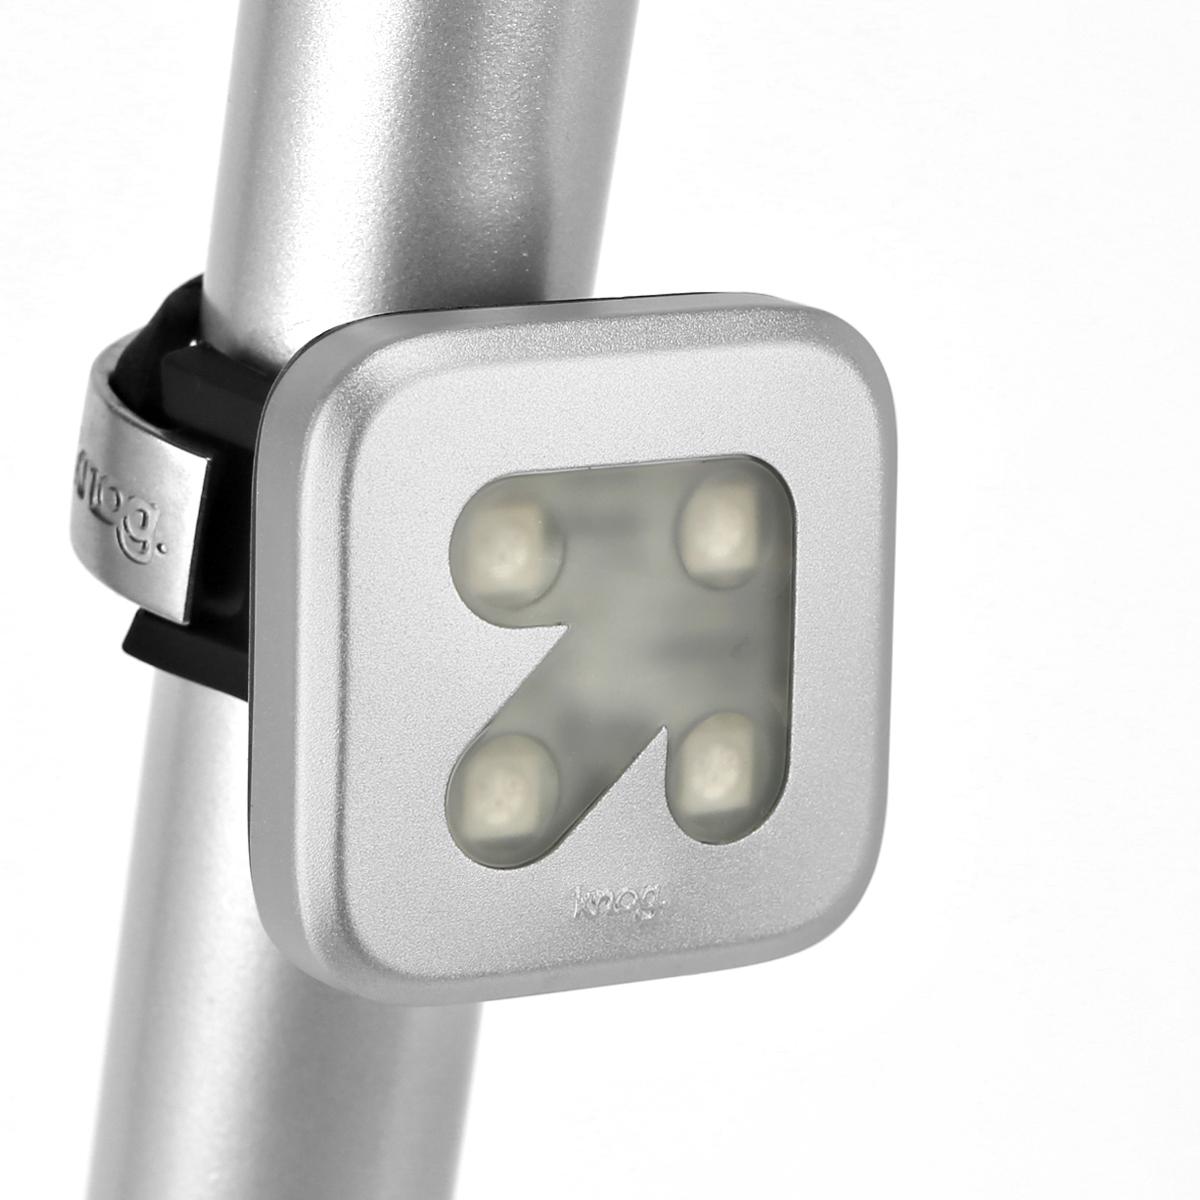 Éclairage arrière Knog Blinder Flèche 4 LED - Argent